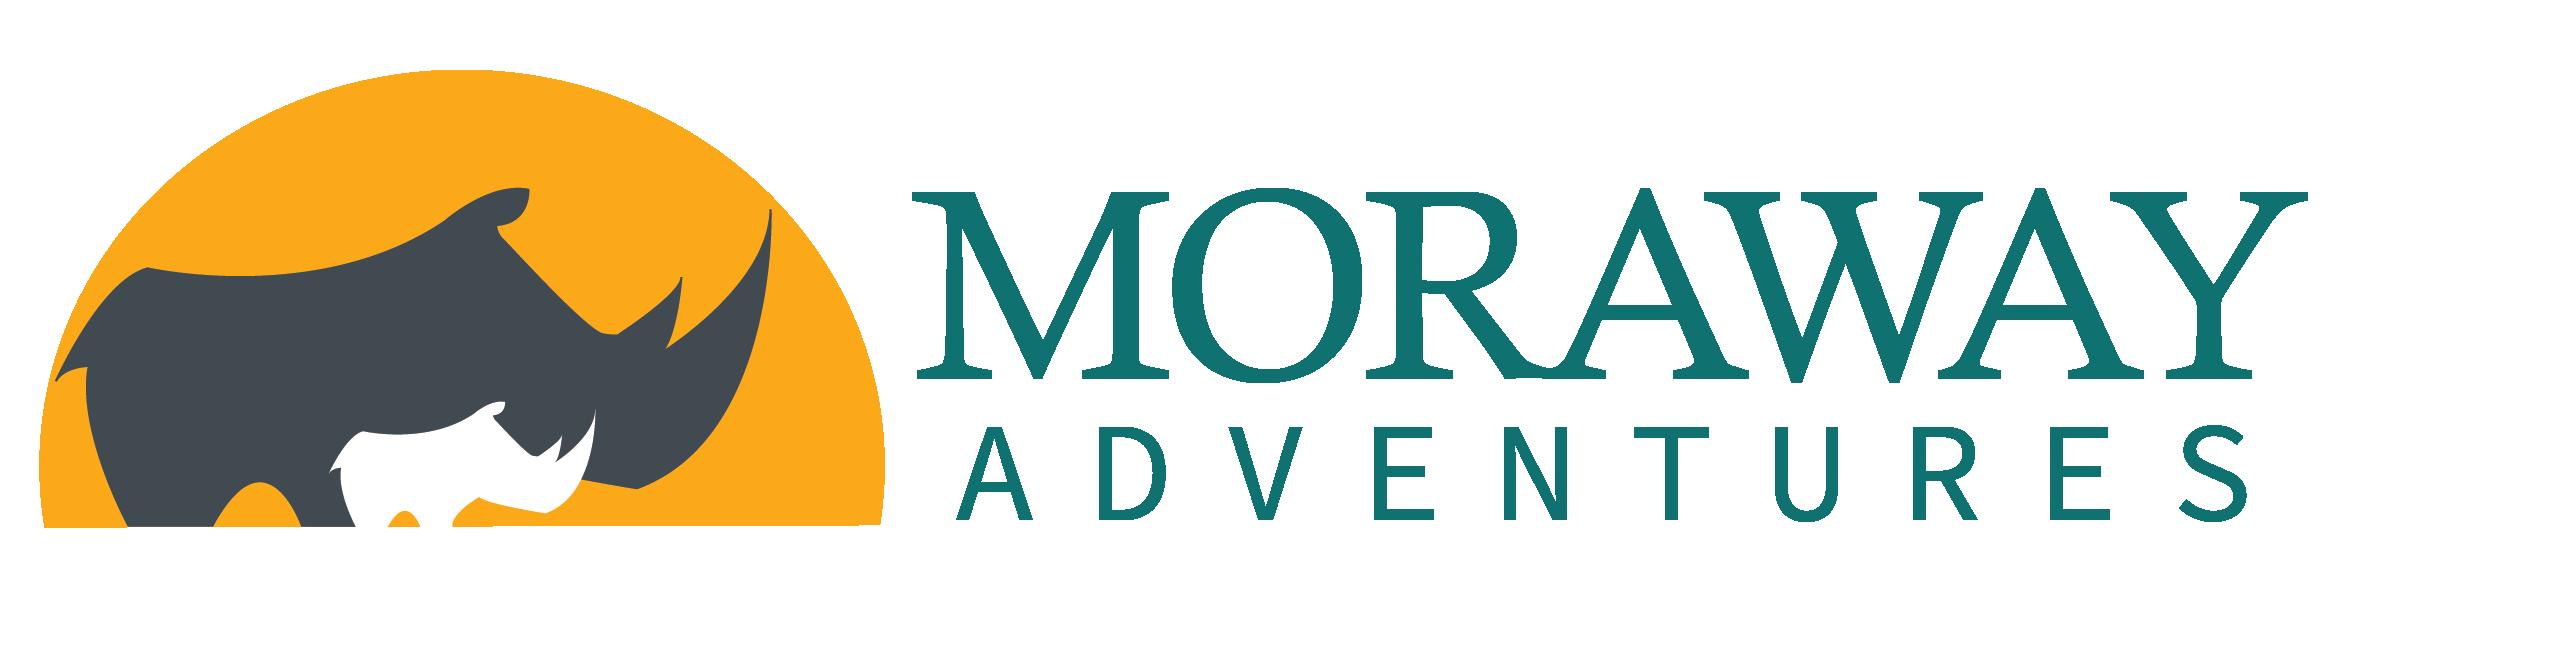 Moraway Adventures